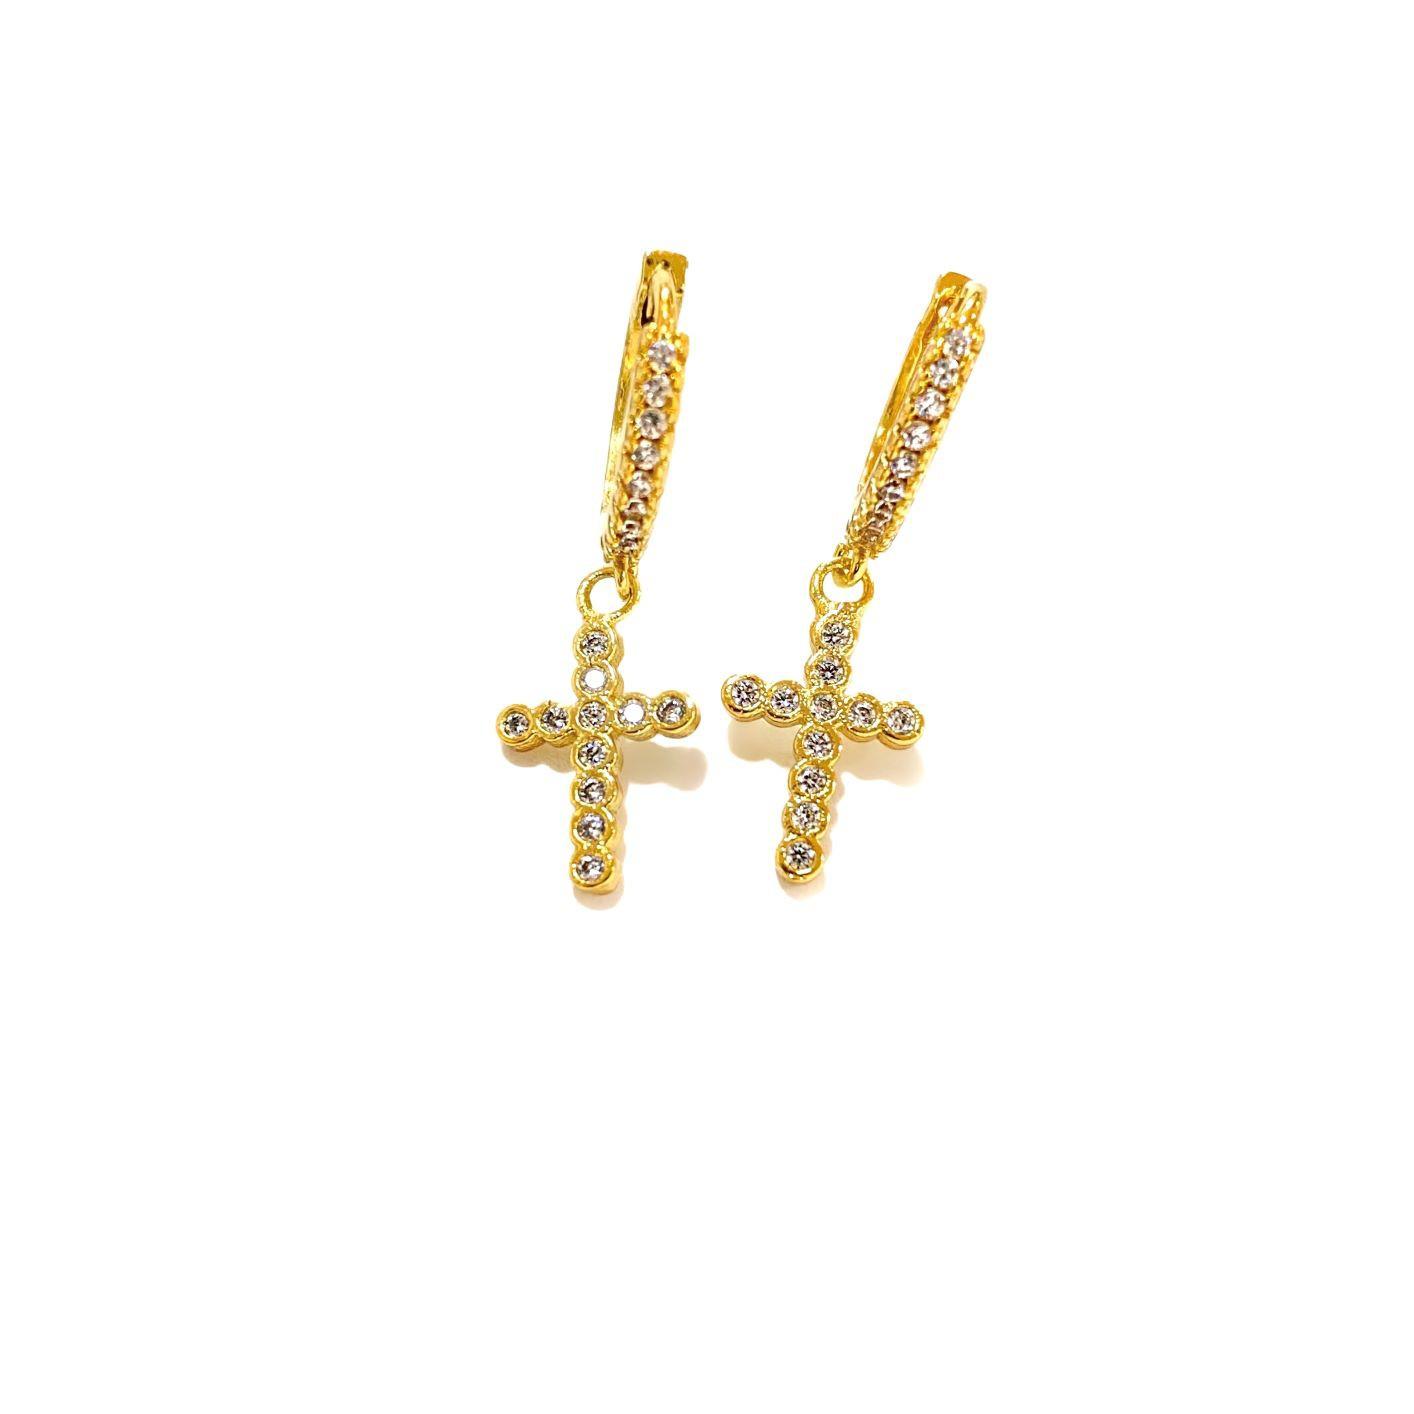 Brinco Argola com Cruz Cravejada em Zircônia (Banho Ouro 24k)